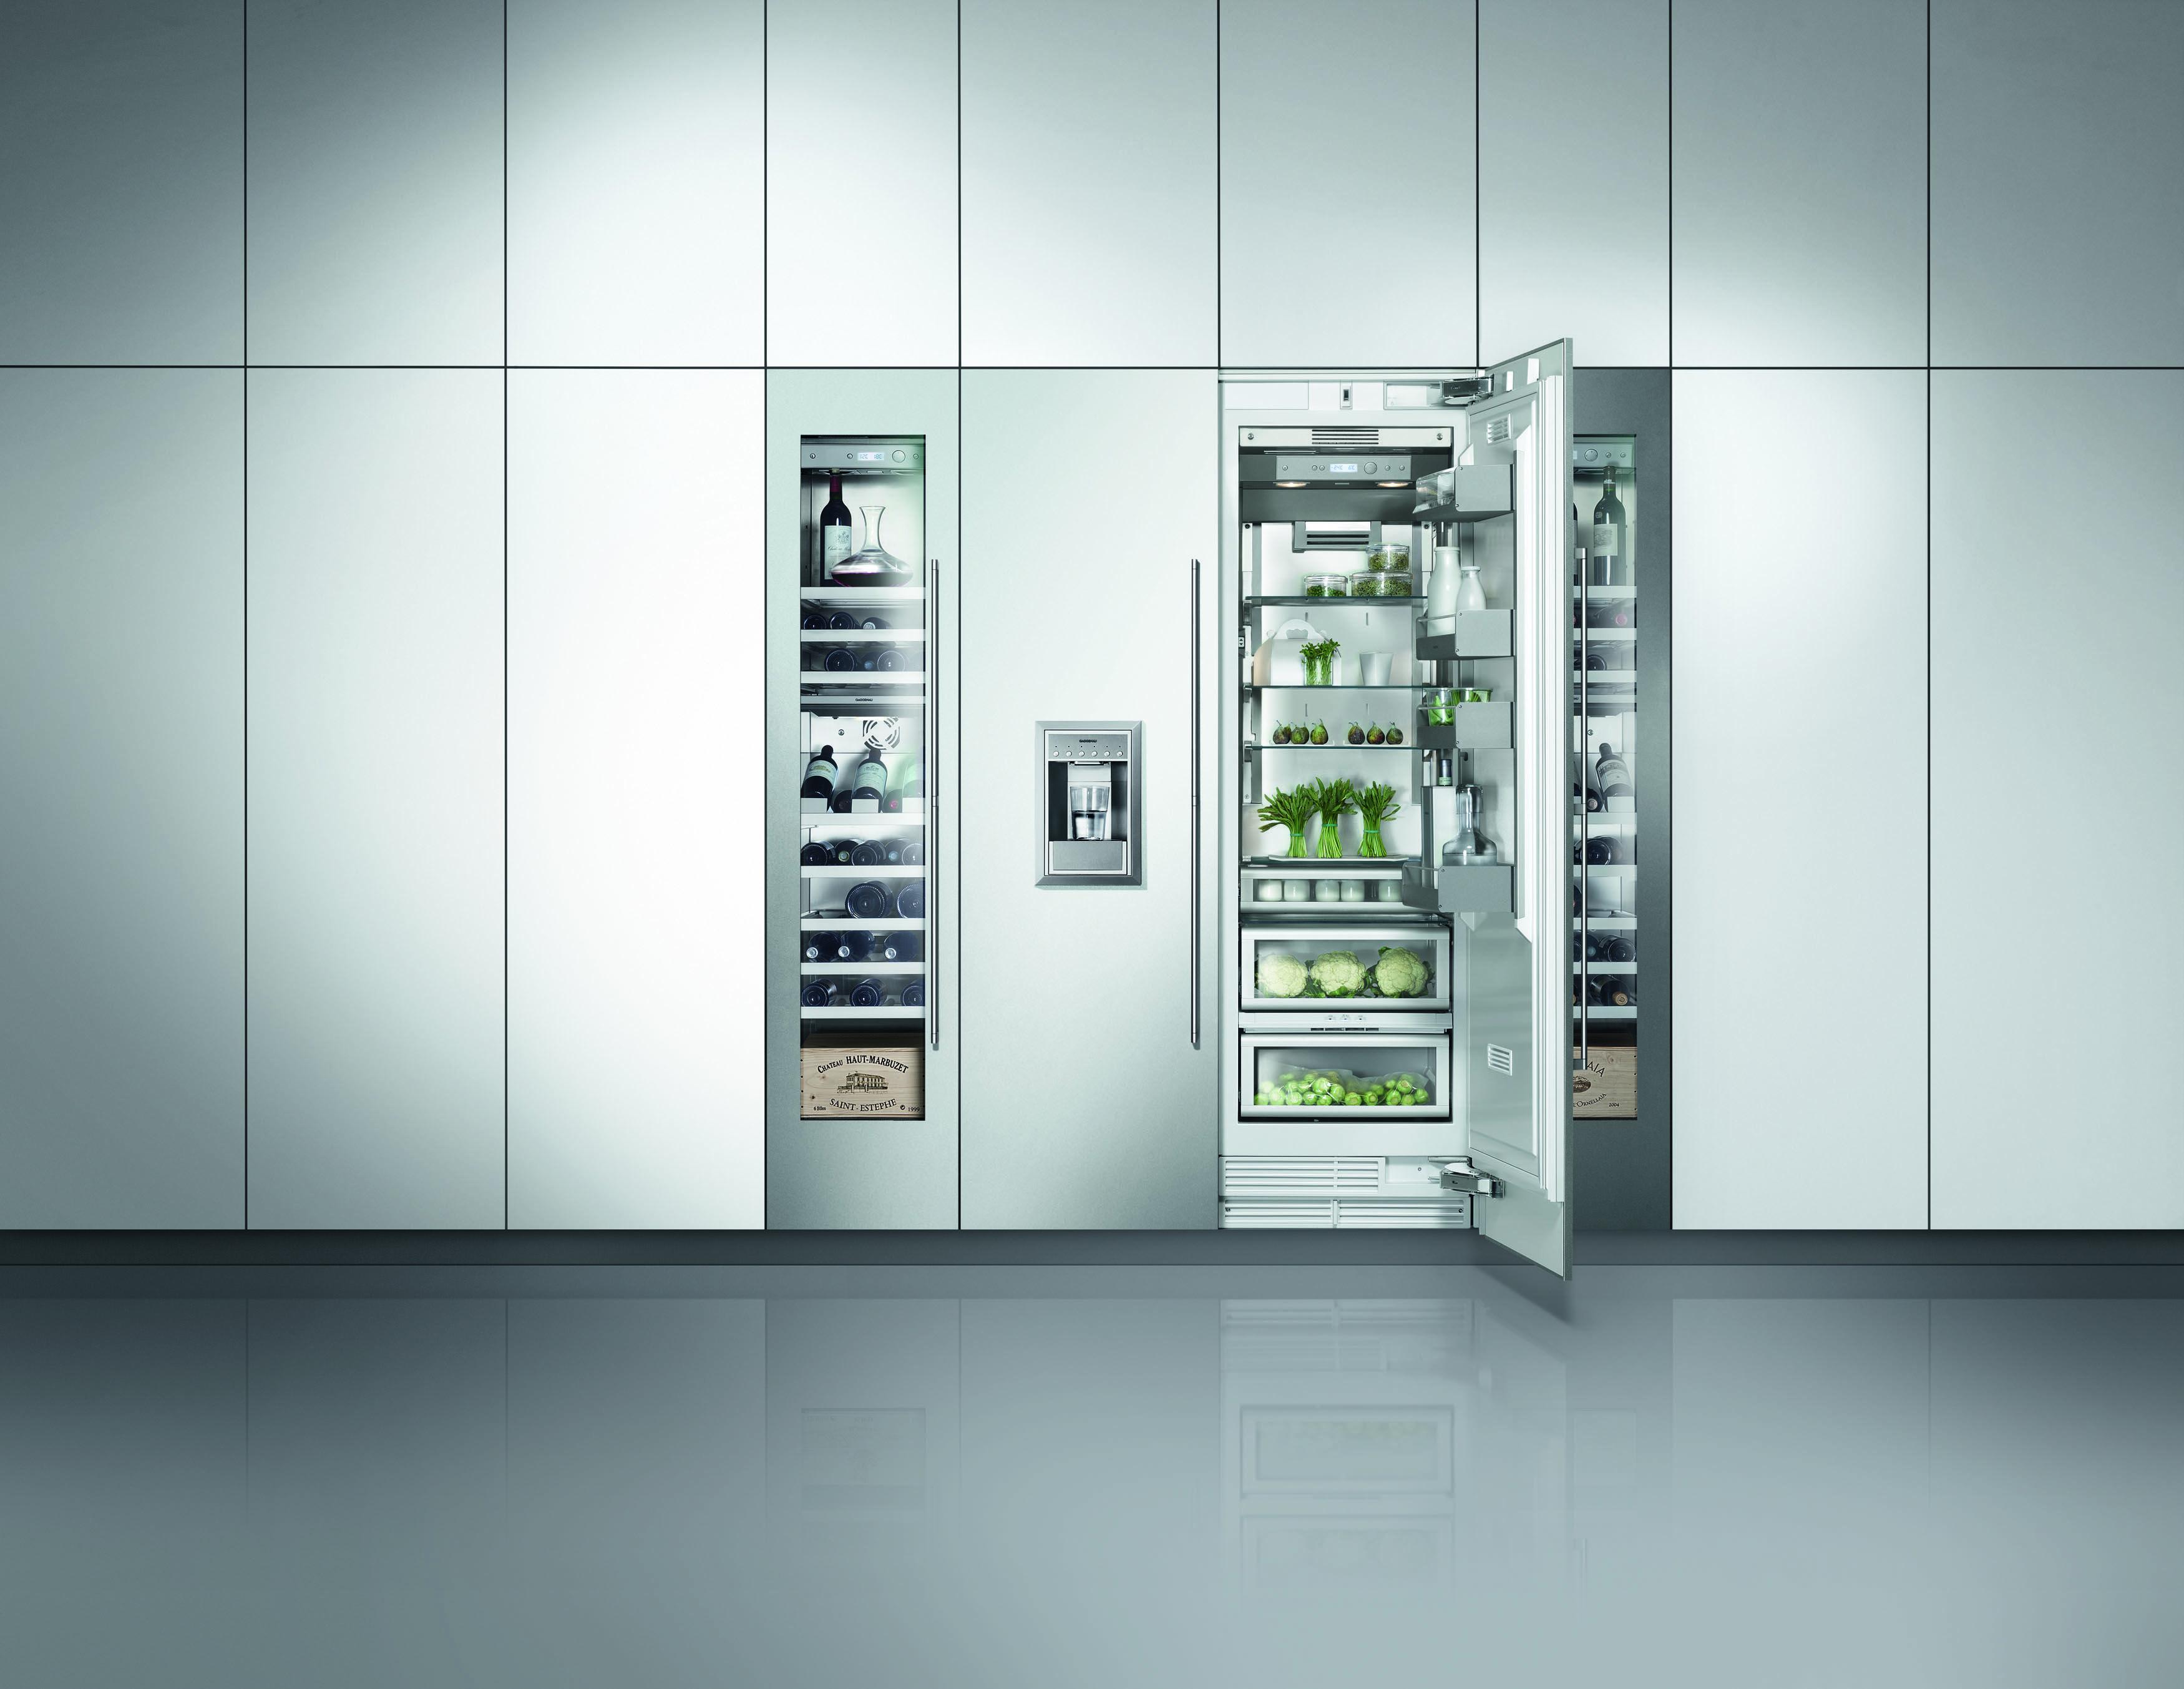 Küchendesignhaus design function and convenience  gaggenau welt  pinterest